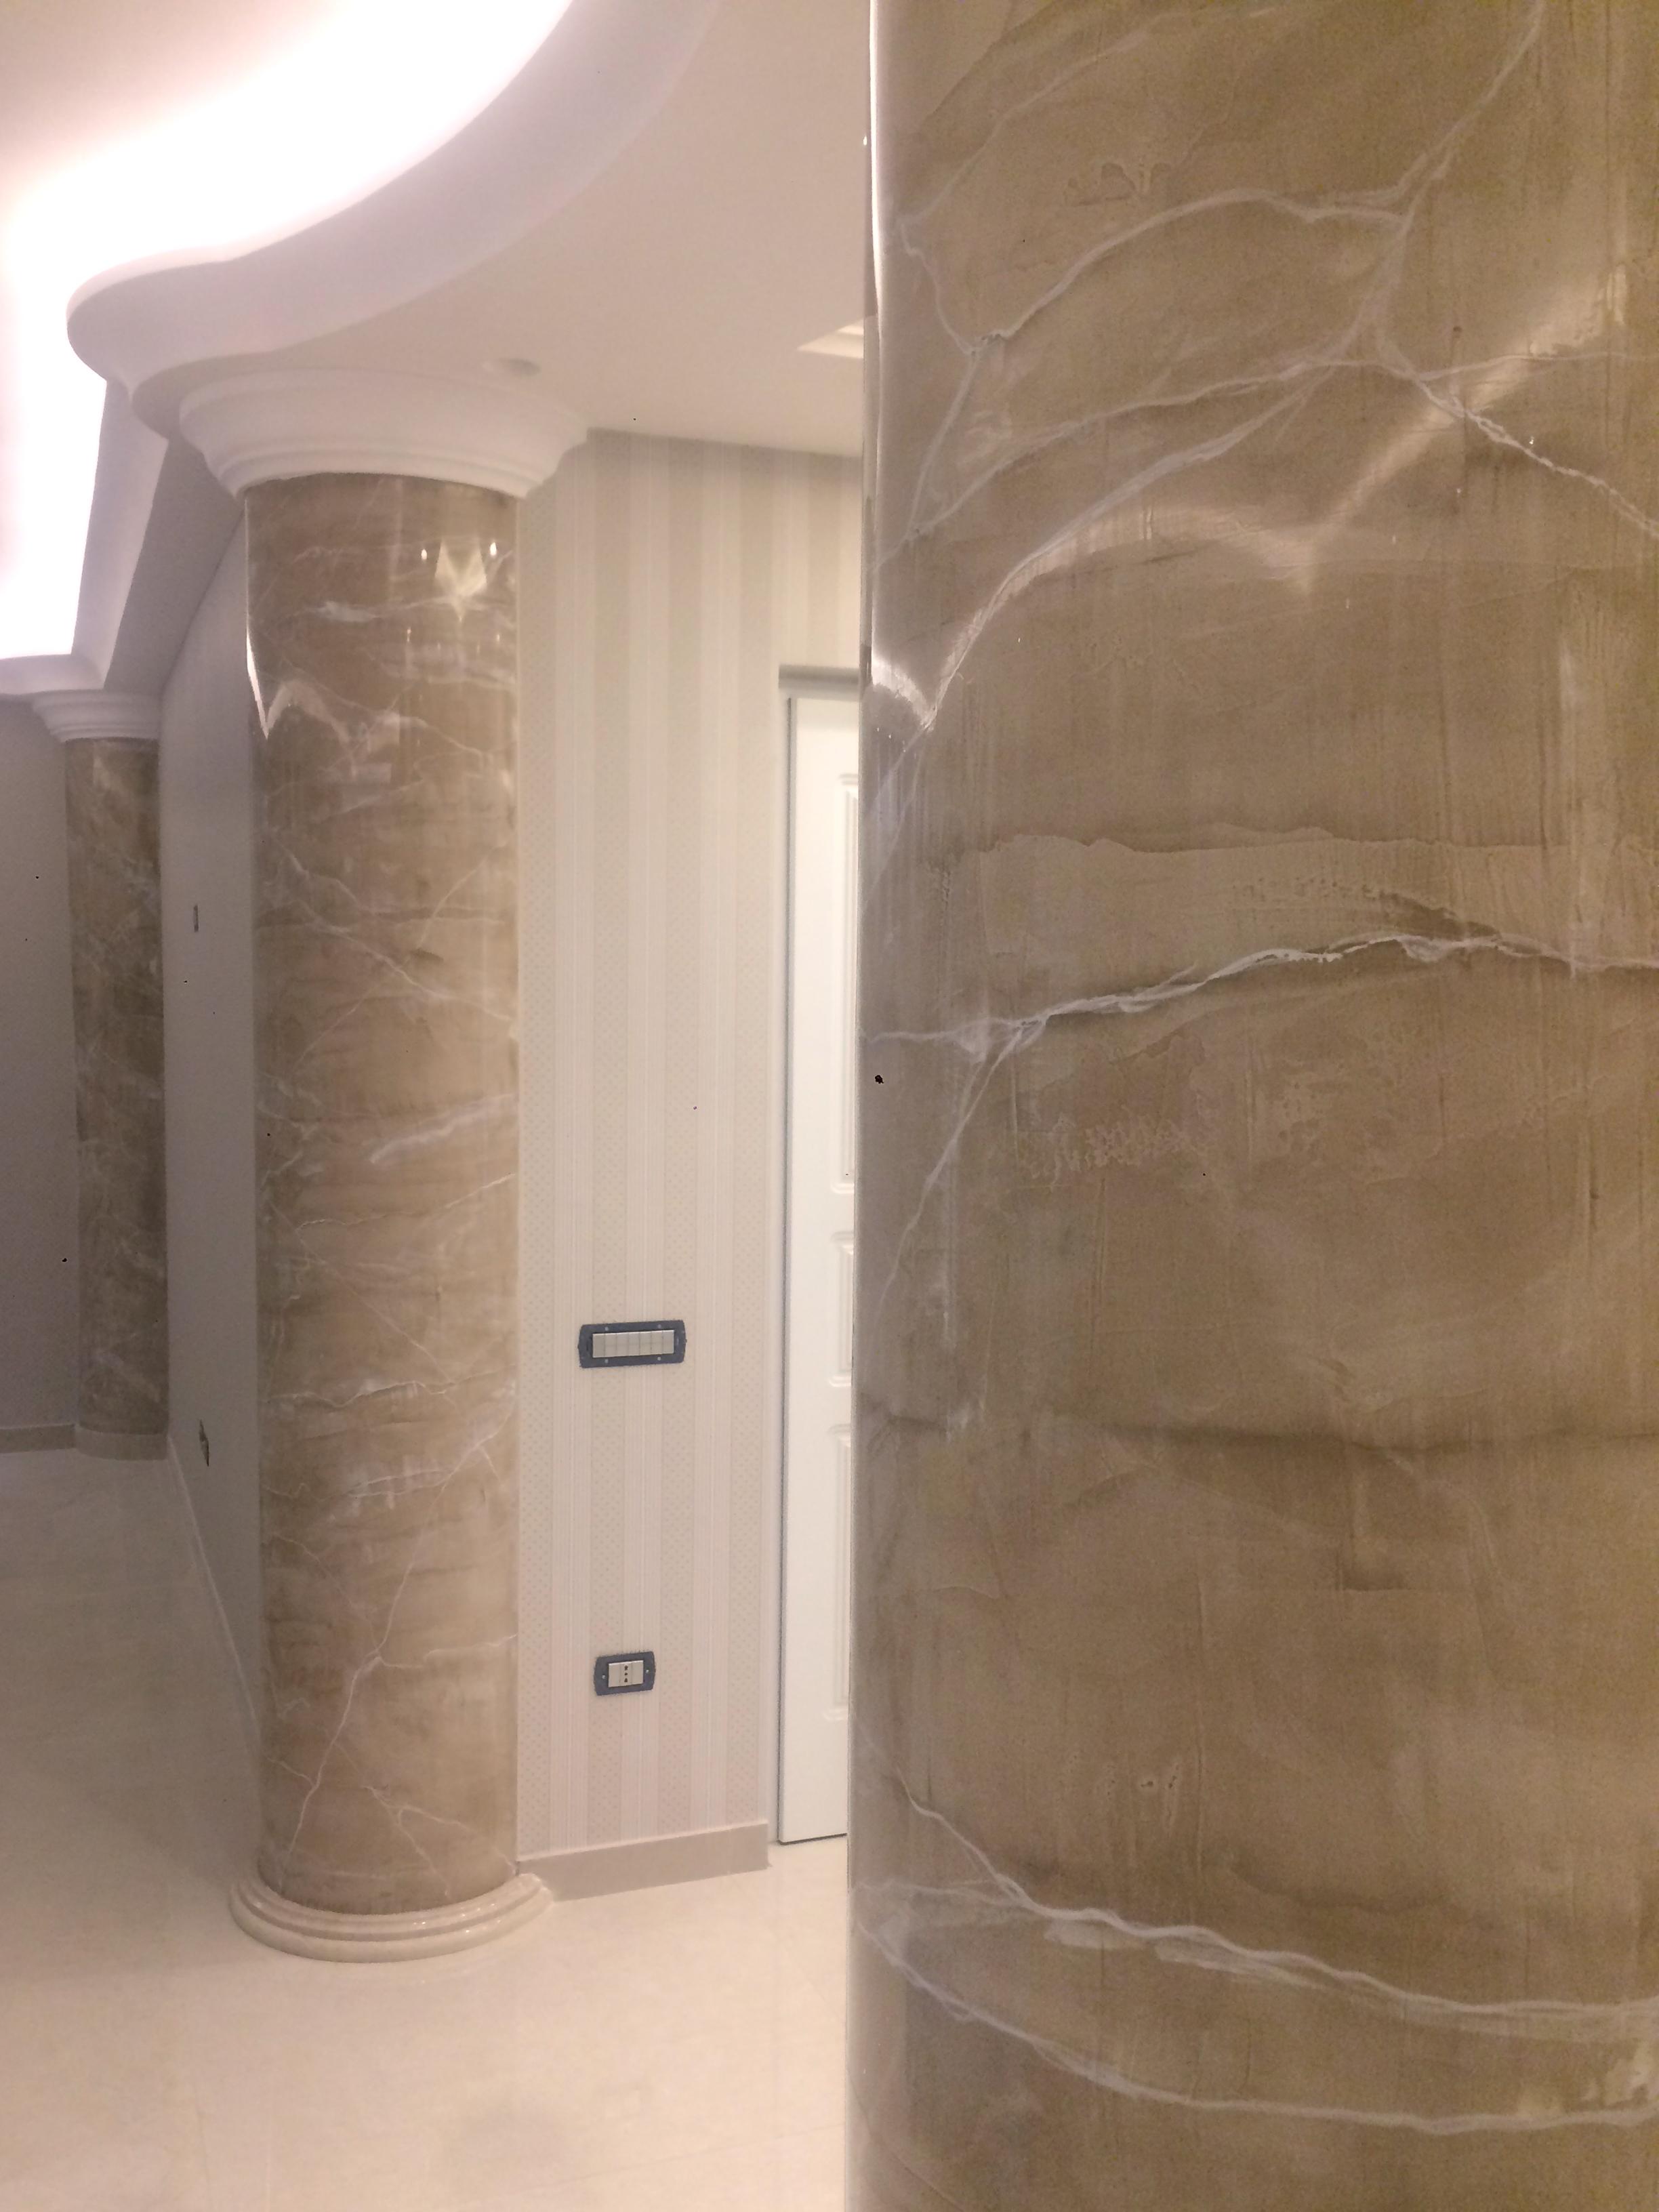 plasmatore italiano Francesco Tartaglione: Decor wall realizzata con Plasma 3D i Marmi